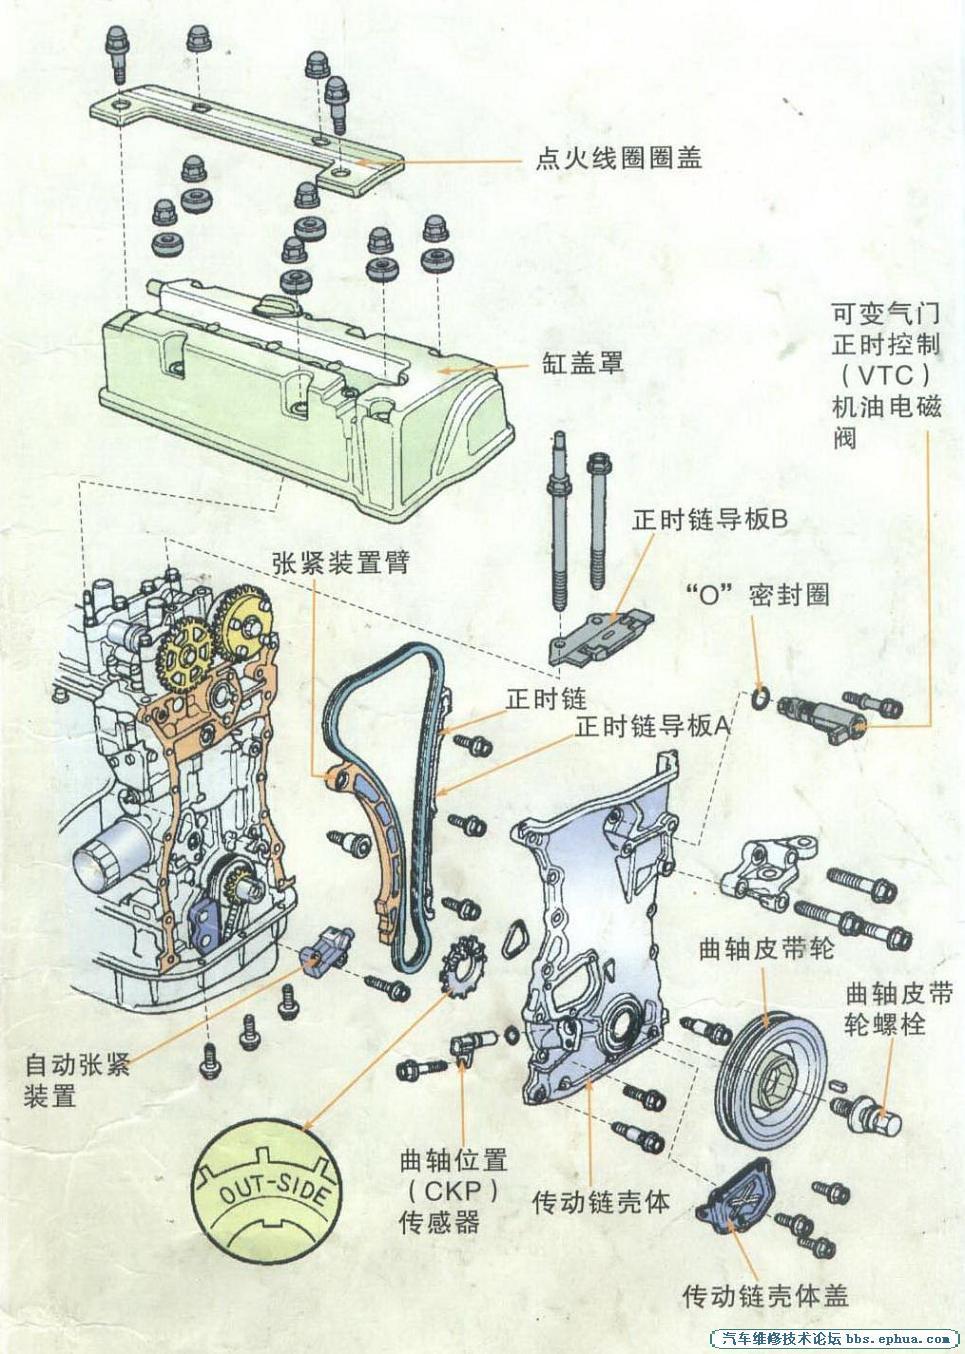 本田雅阁发动机正时带安装电路图1.jpg